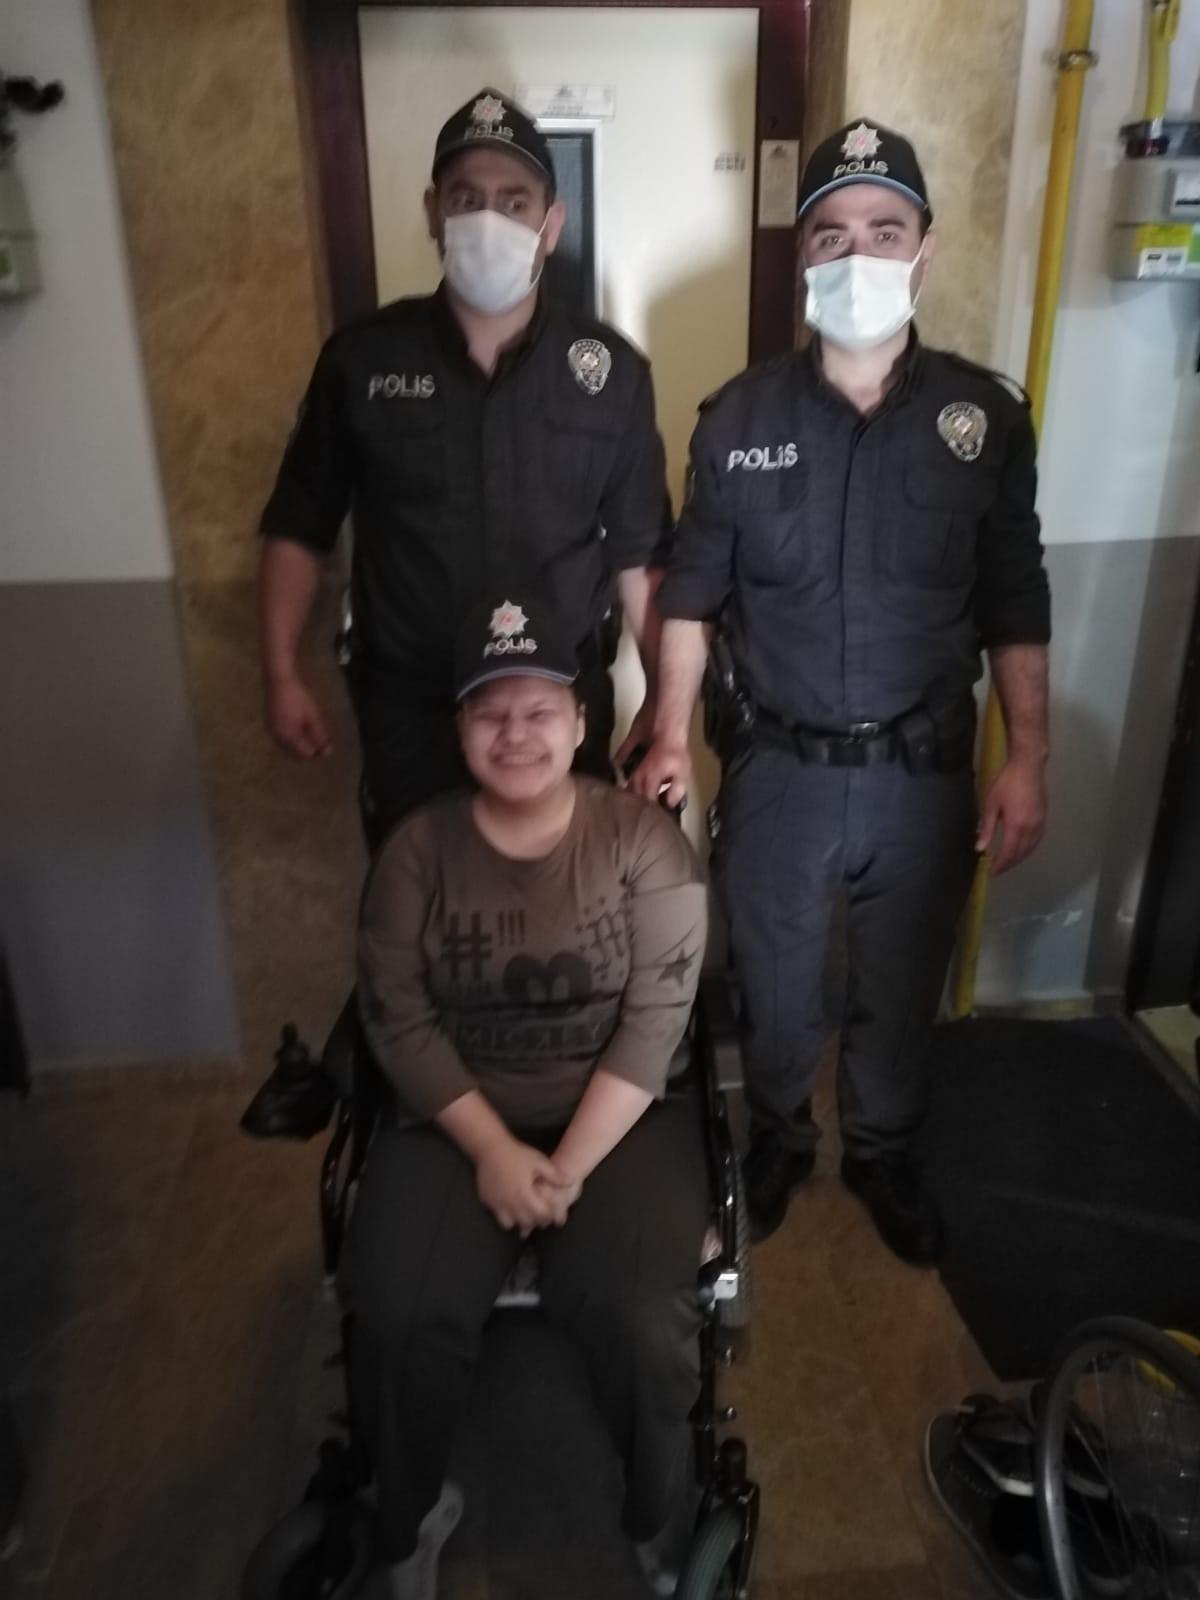 SMA hastası genç kıza polis ekiplerinden doğum günü sürprizi